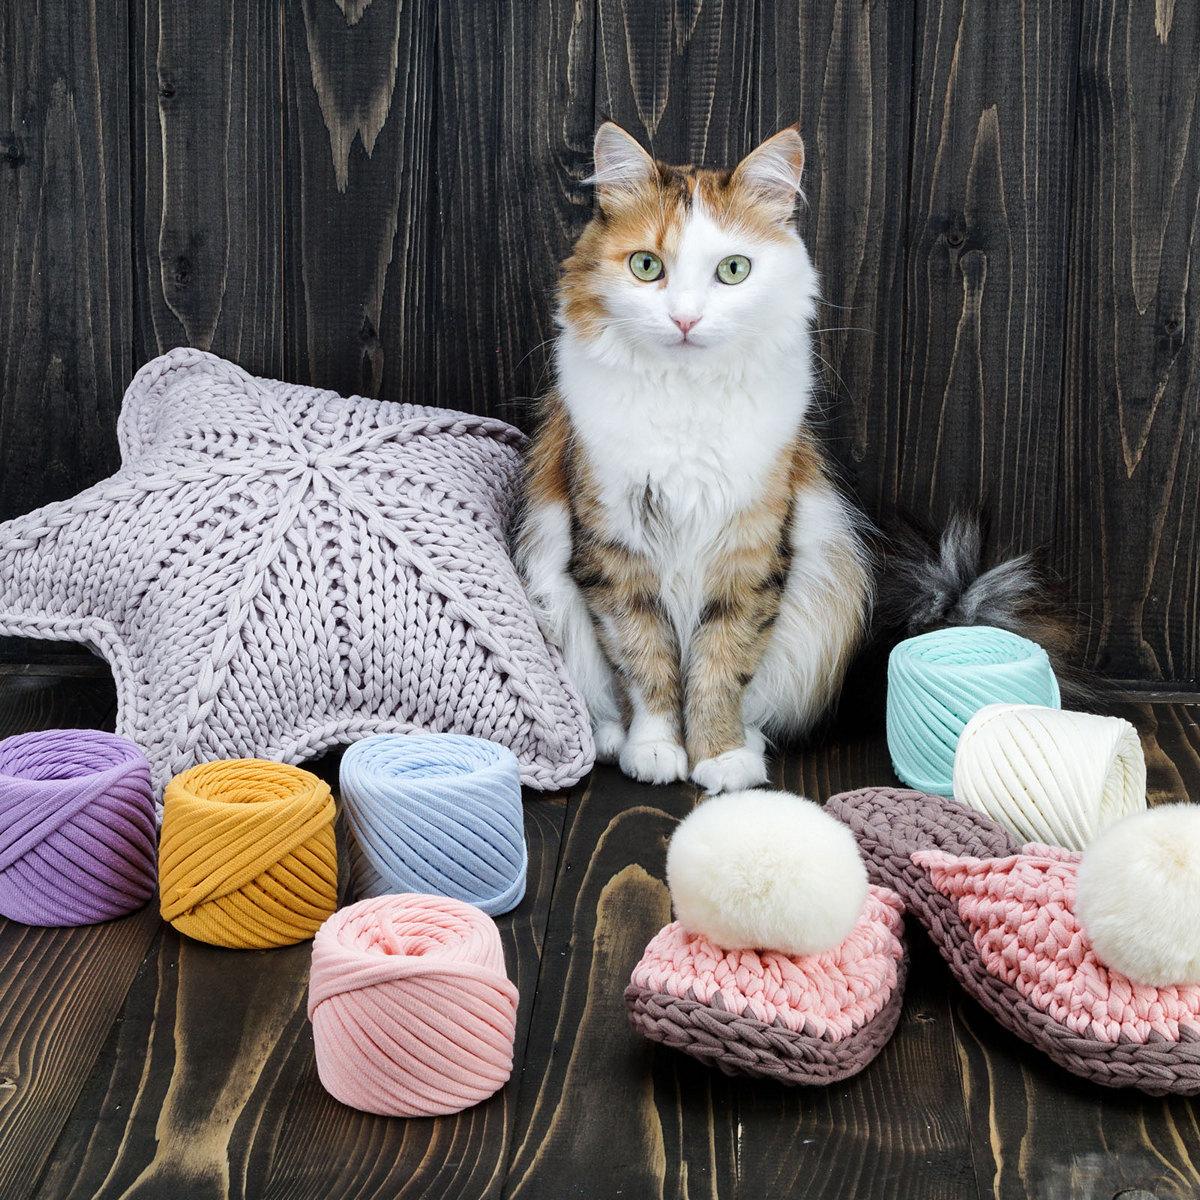 кошка в качестве модели - фото для Амазон